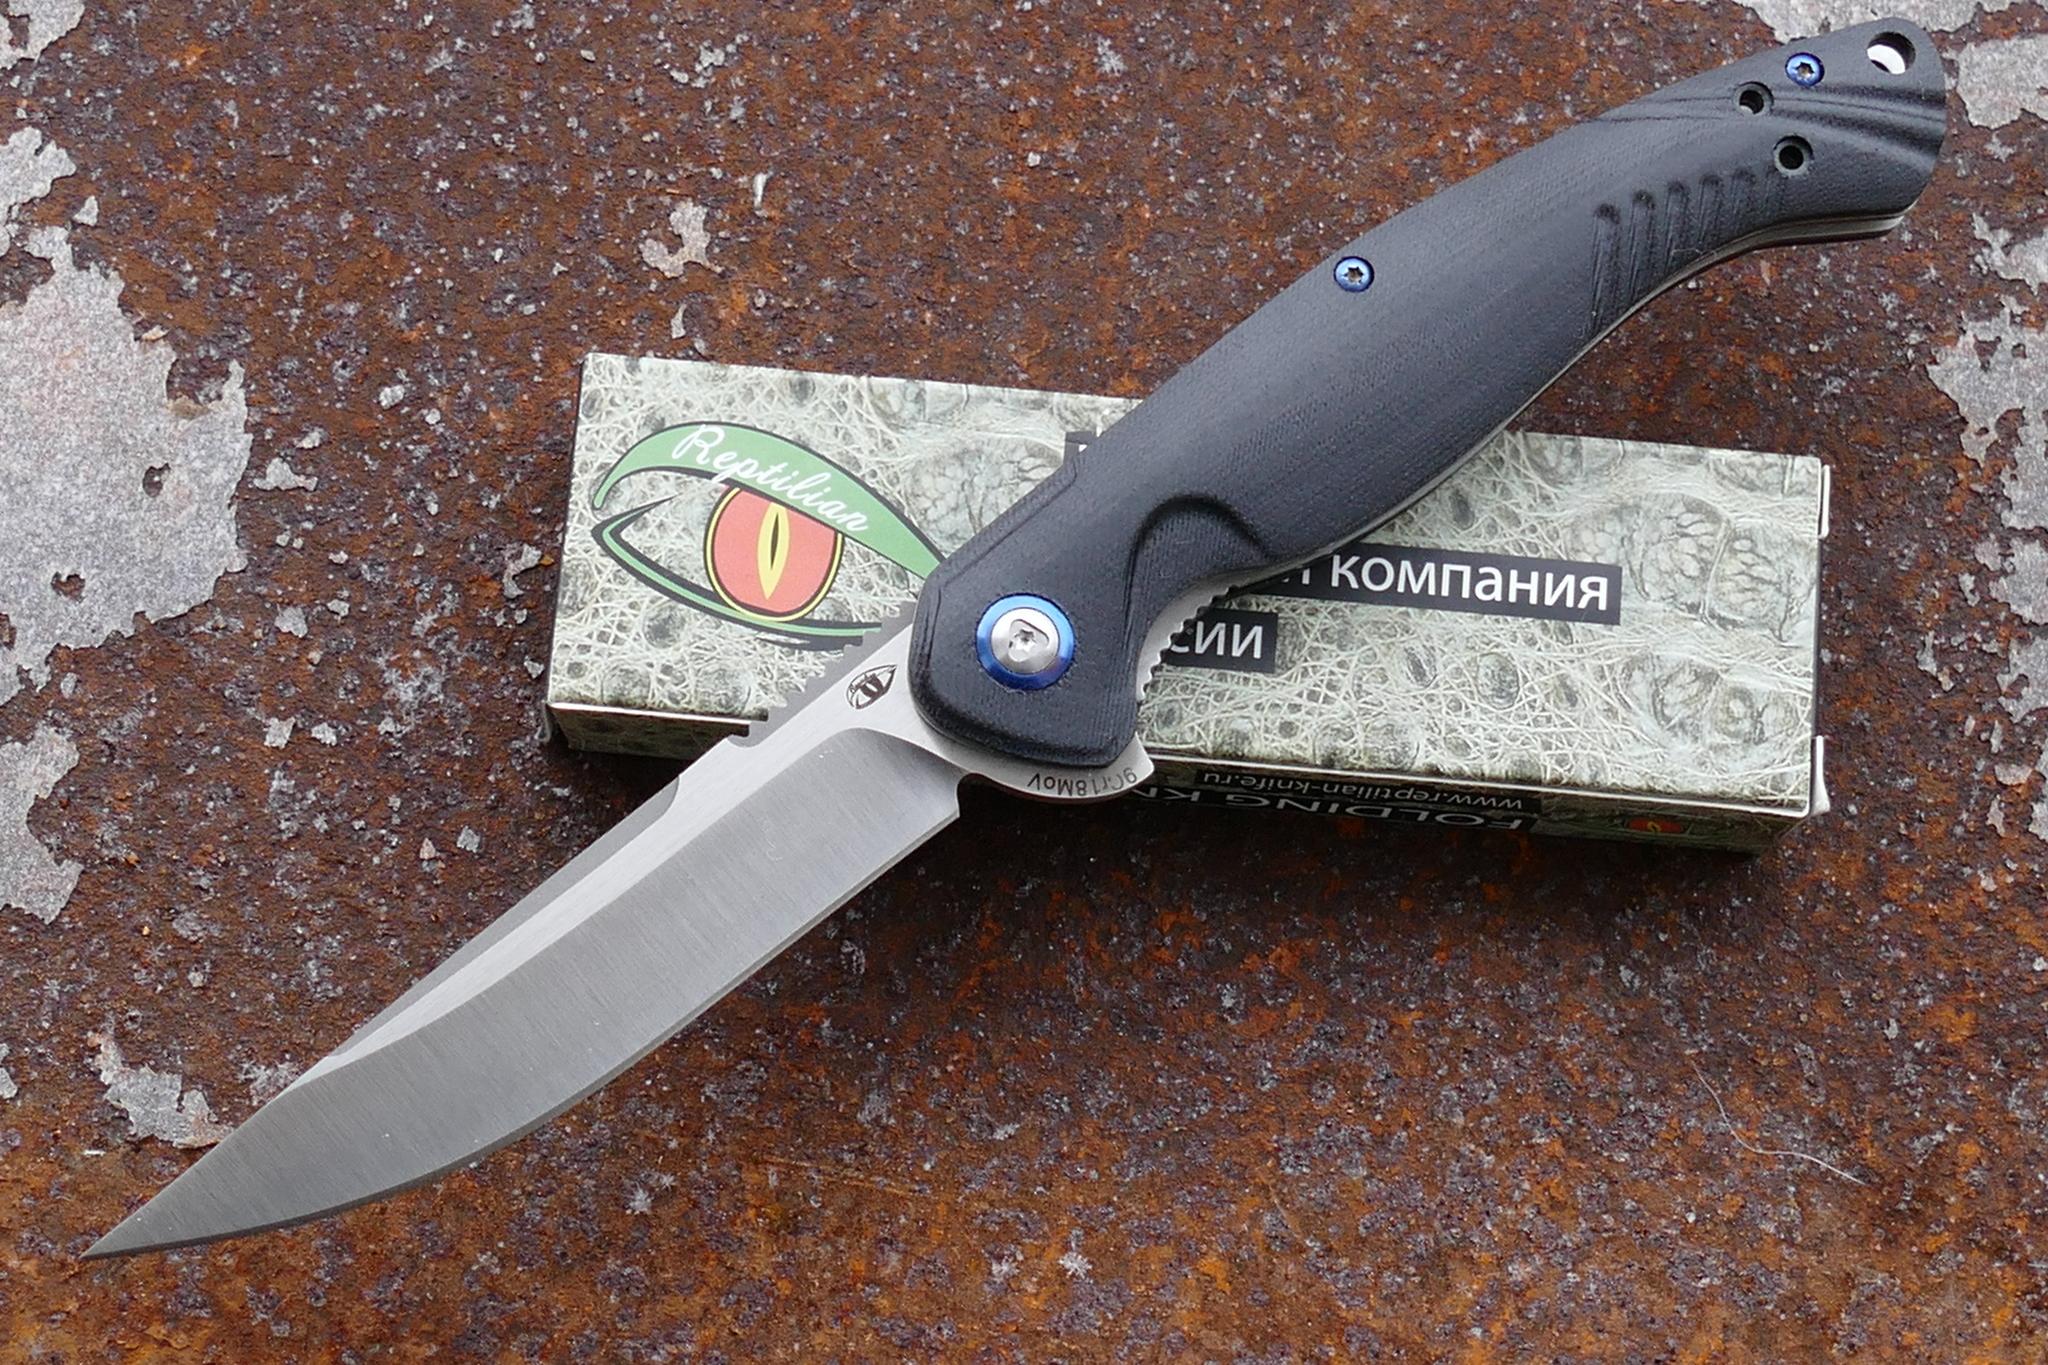 Купить Нож  Франт Reptilian в России